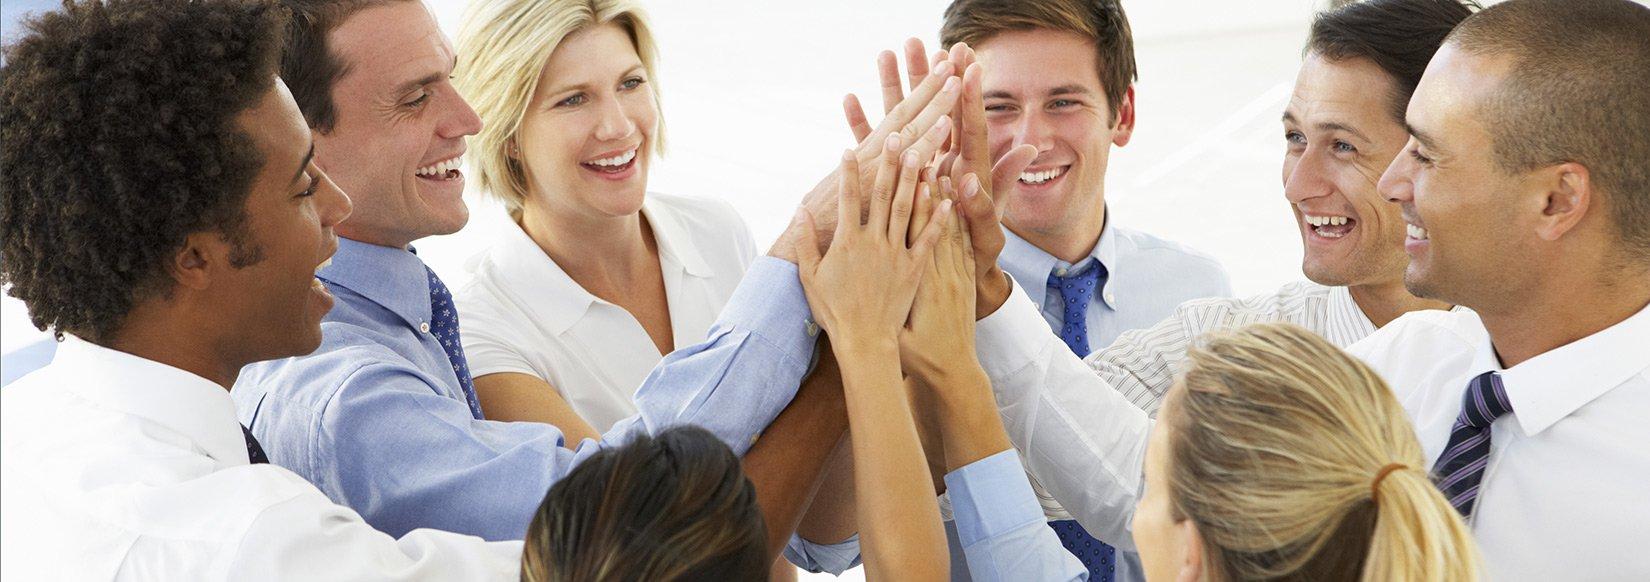 organiser-un-team-building-entreprise-troyes-dans-le-